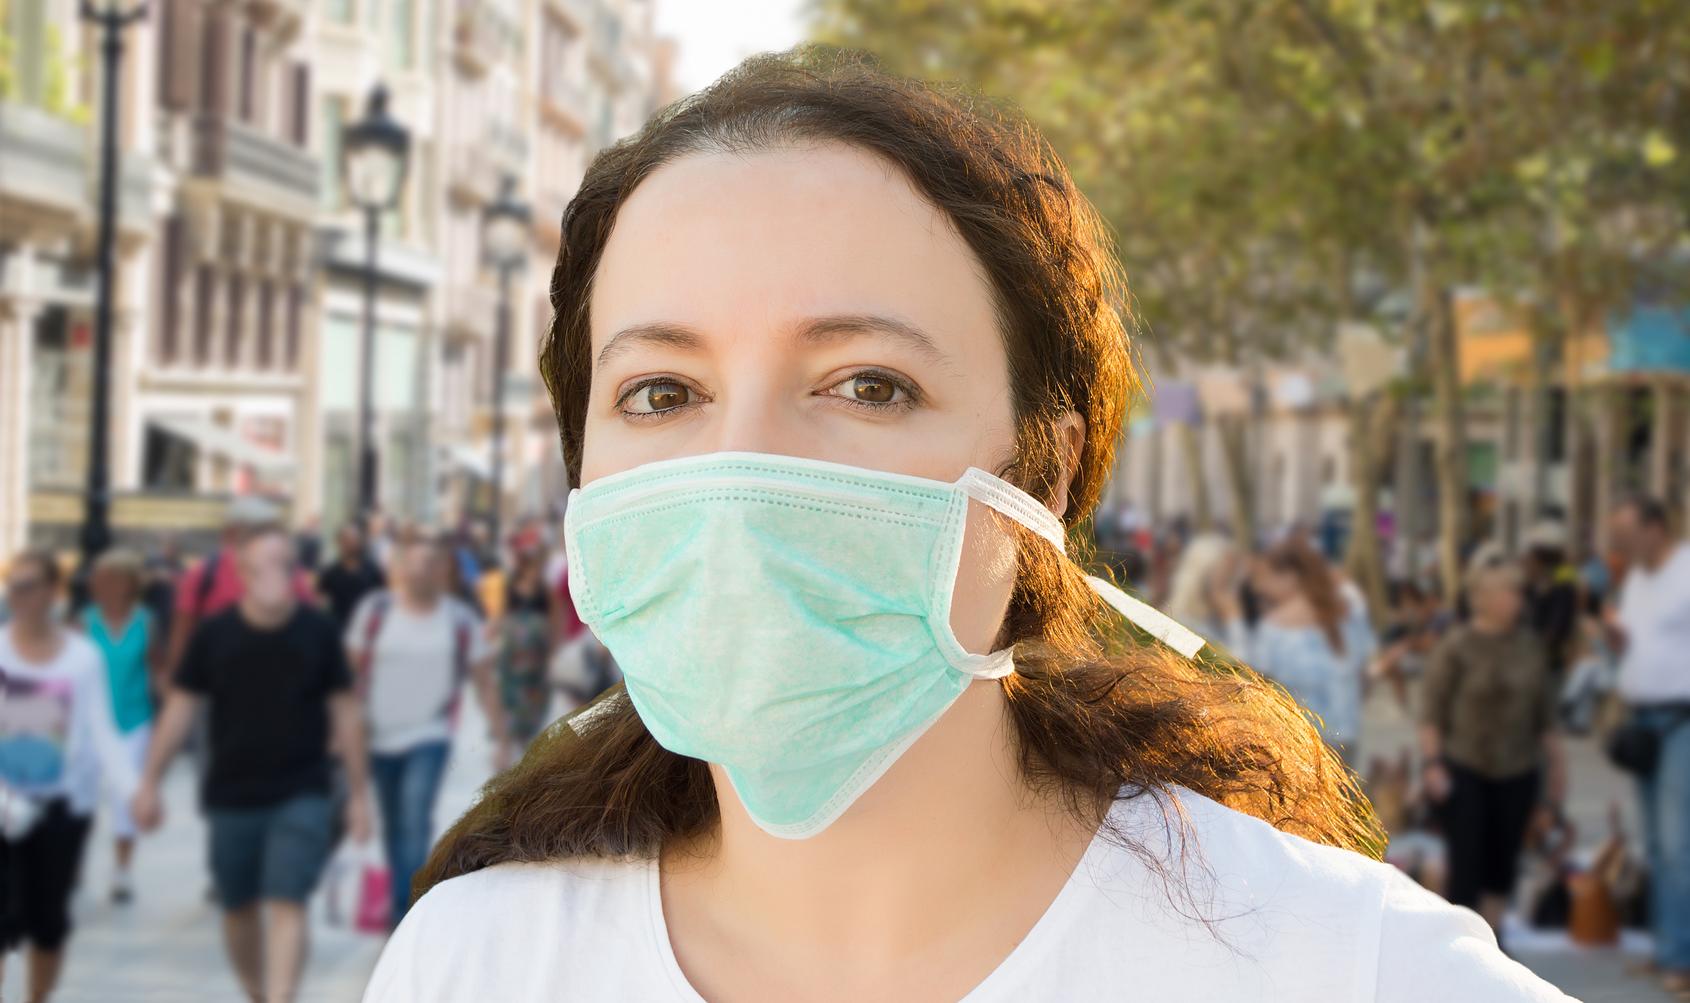 Gesundheit, Ernährung und Umwelt